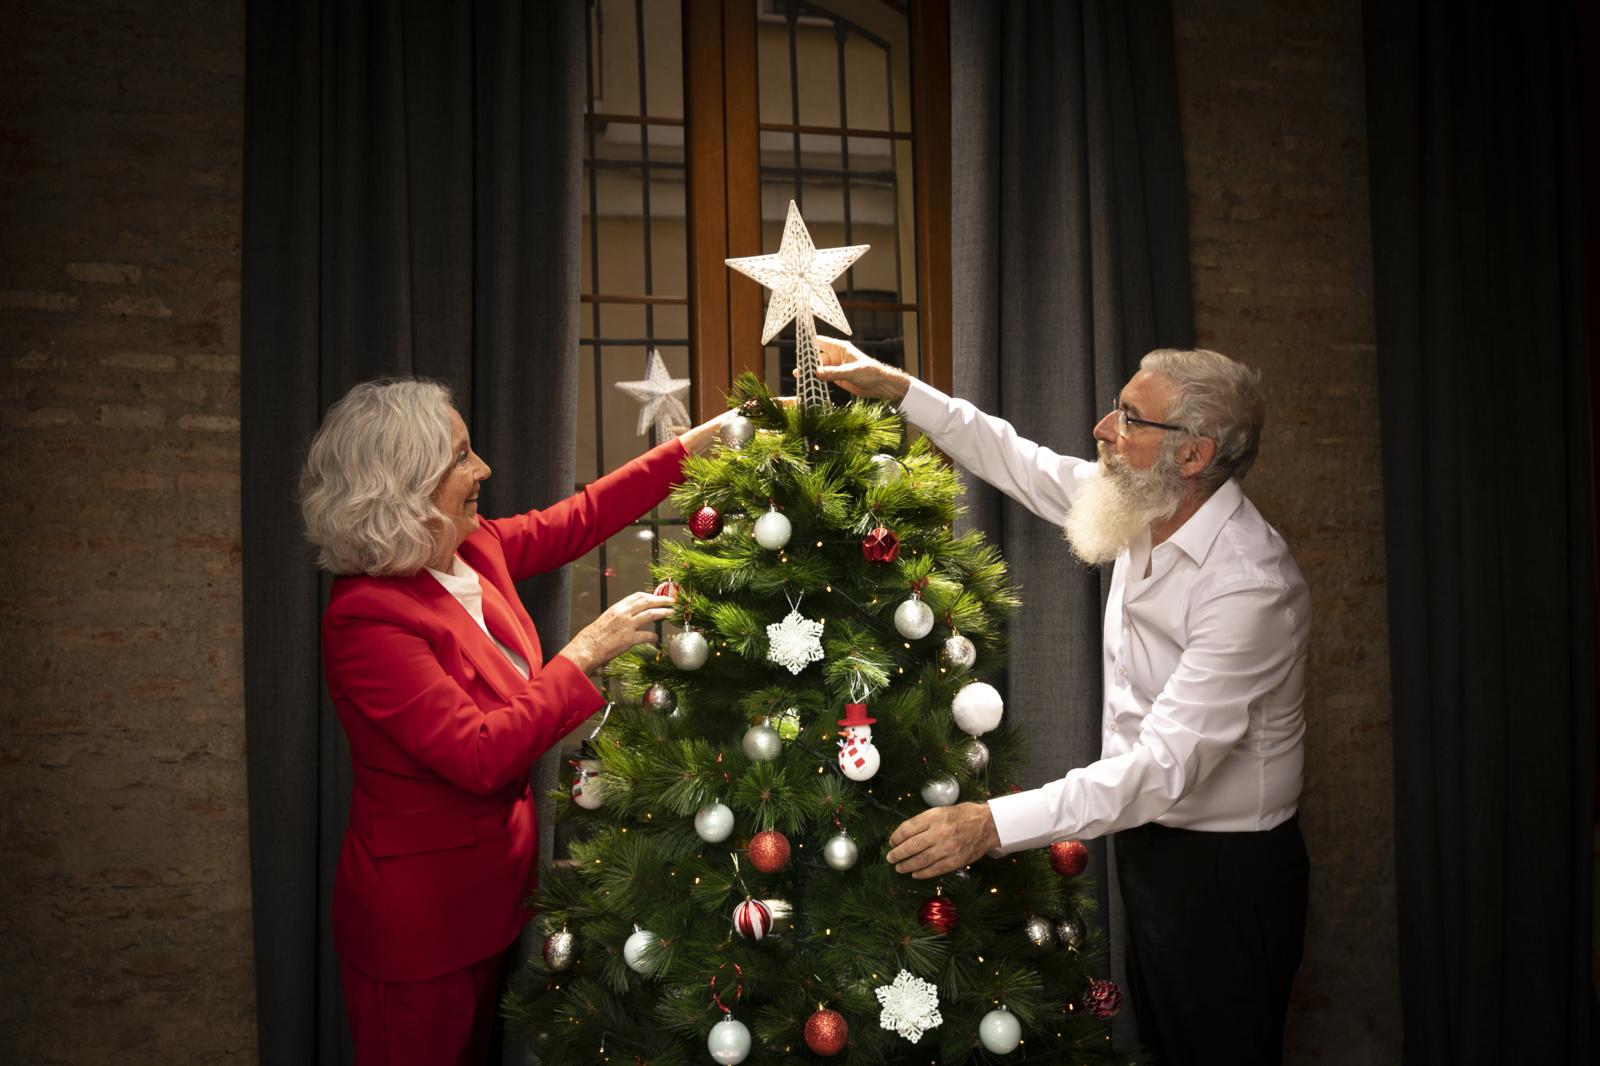 Kaip išsirinkti ir prižiūrėti Kalėdų eglutę?